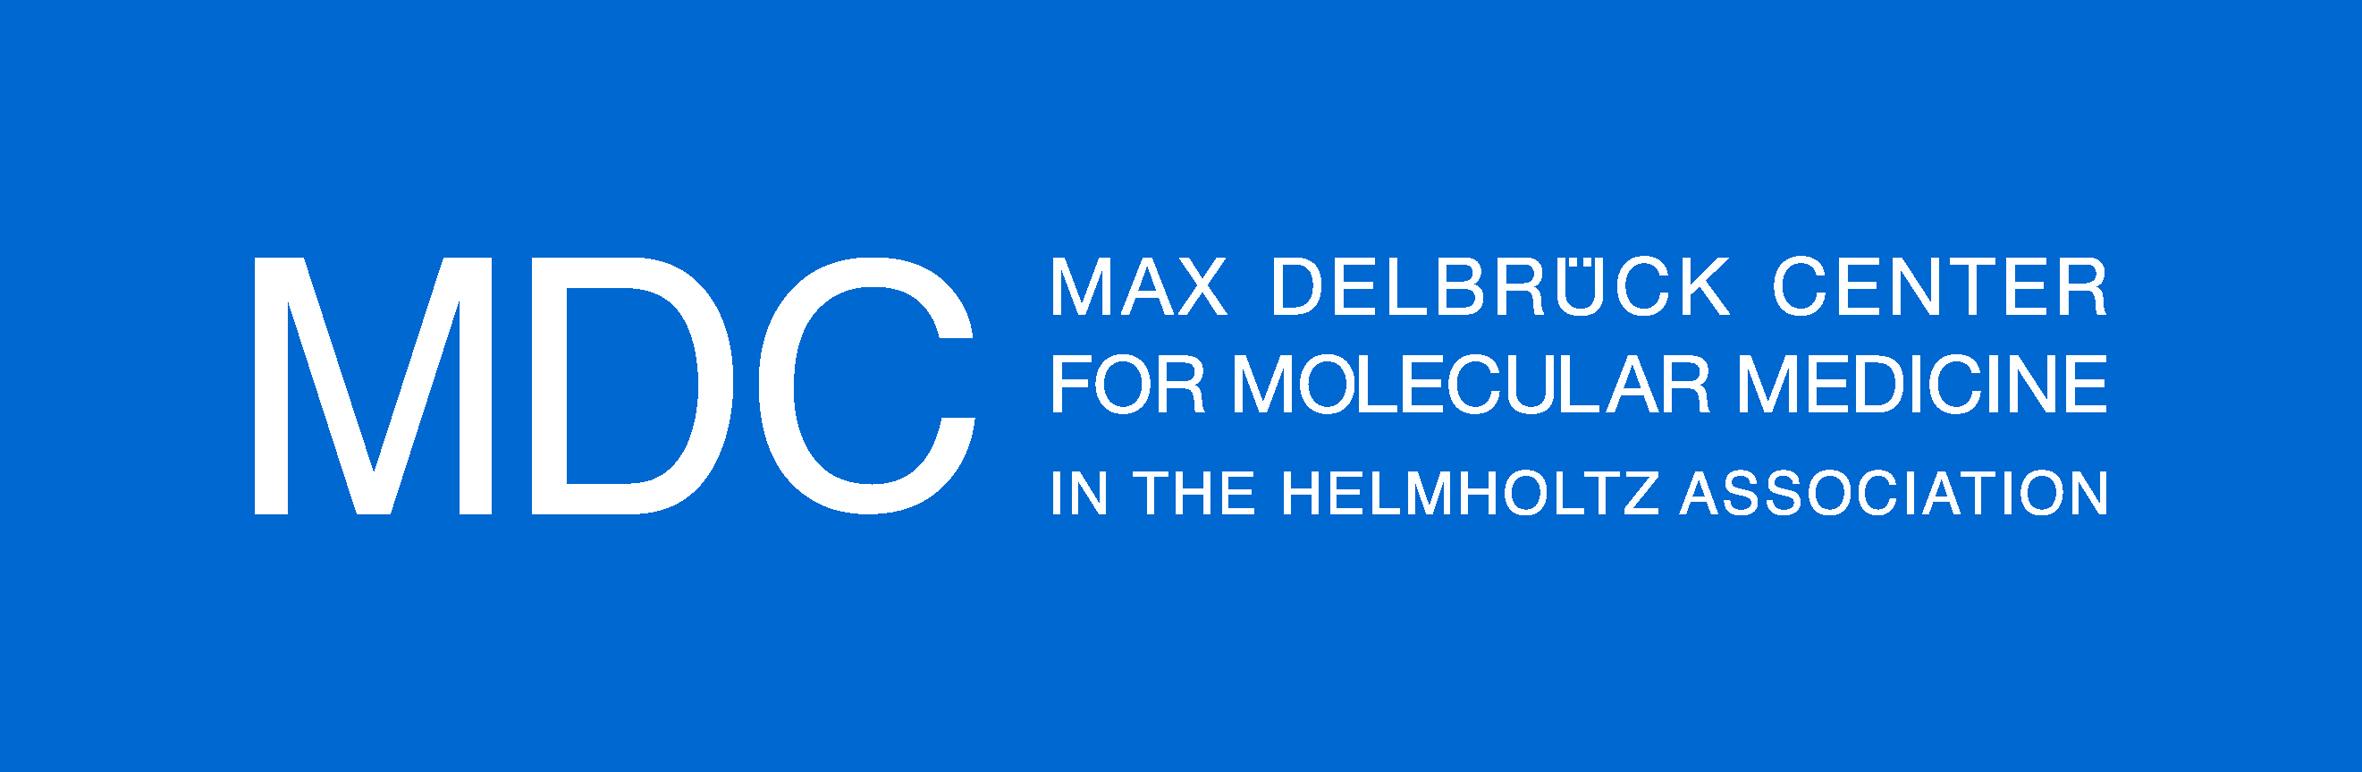 MDClogo-CMYK-weiss-blau-EN.jpg